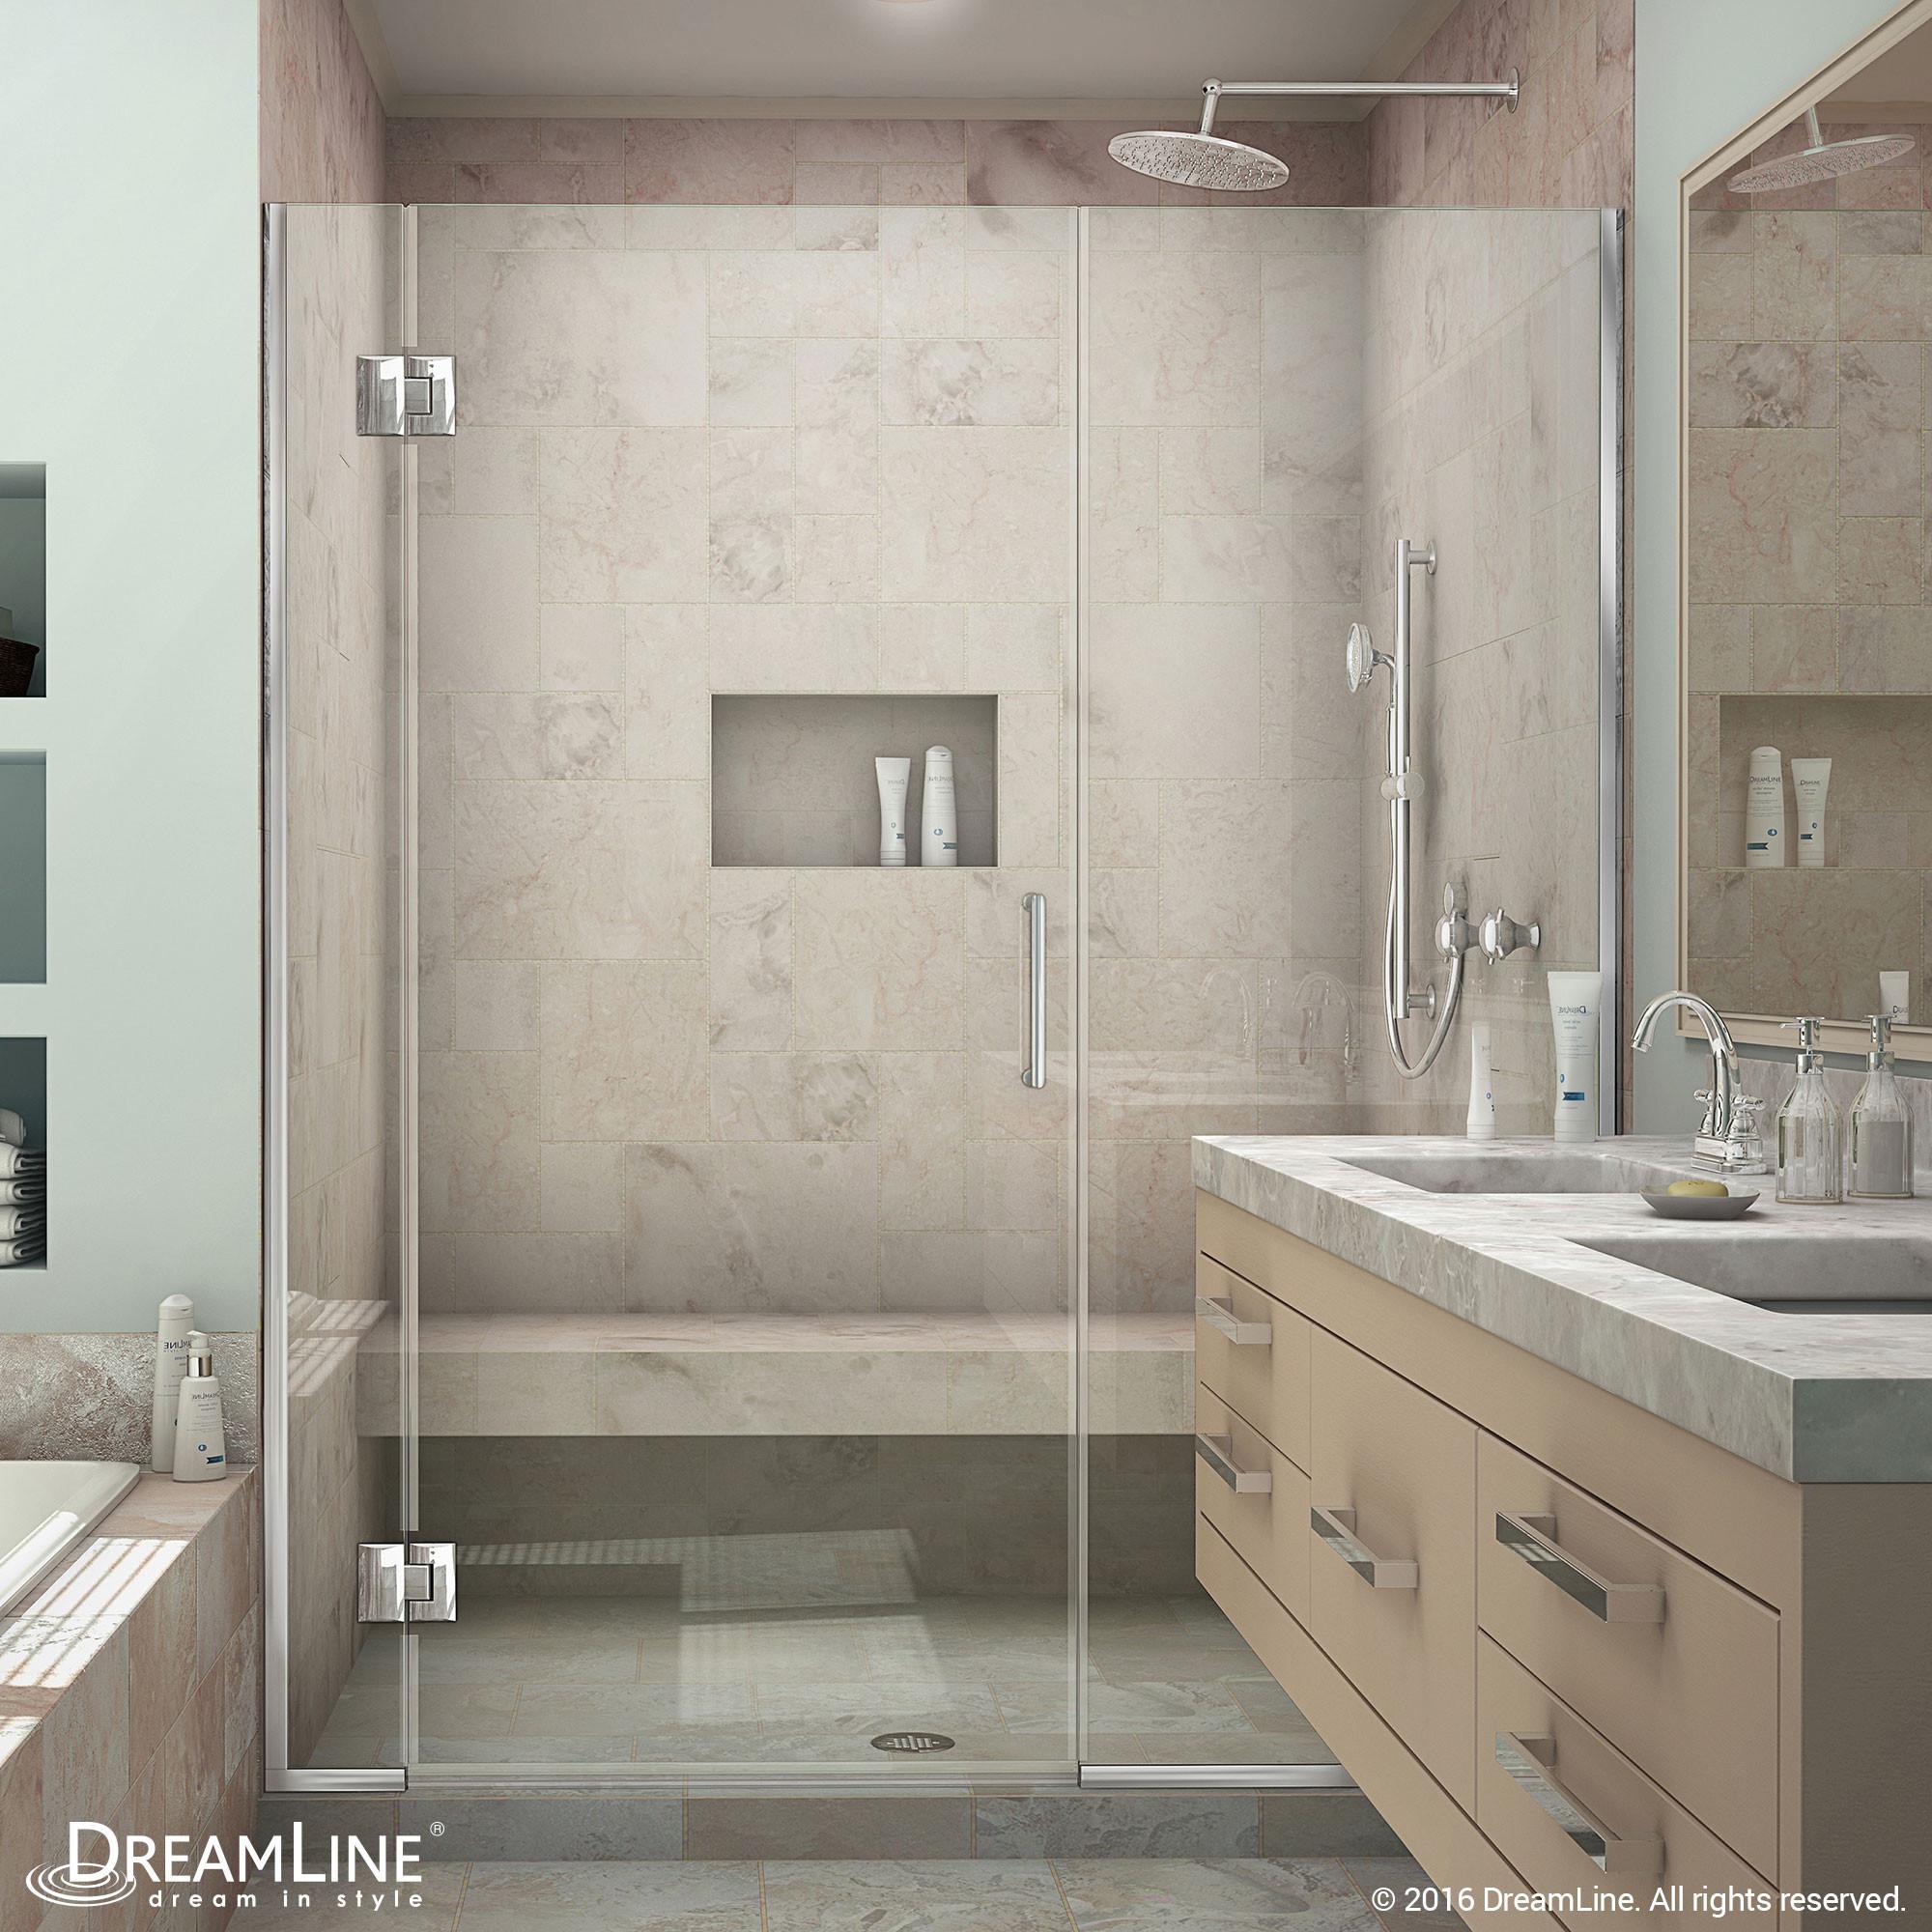 DreamLine D1260672-01 Unidoor-X 38 - 38 1/2 in. W x 72 in. H Hinged Shower Door in Chrome